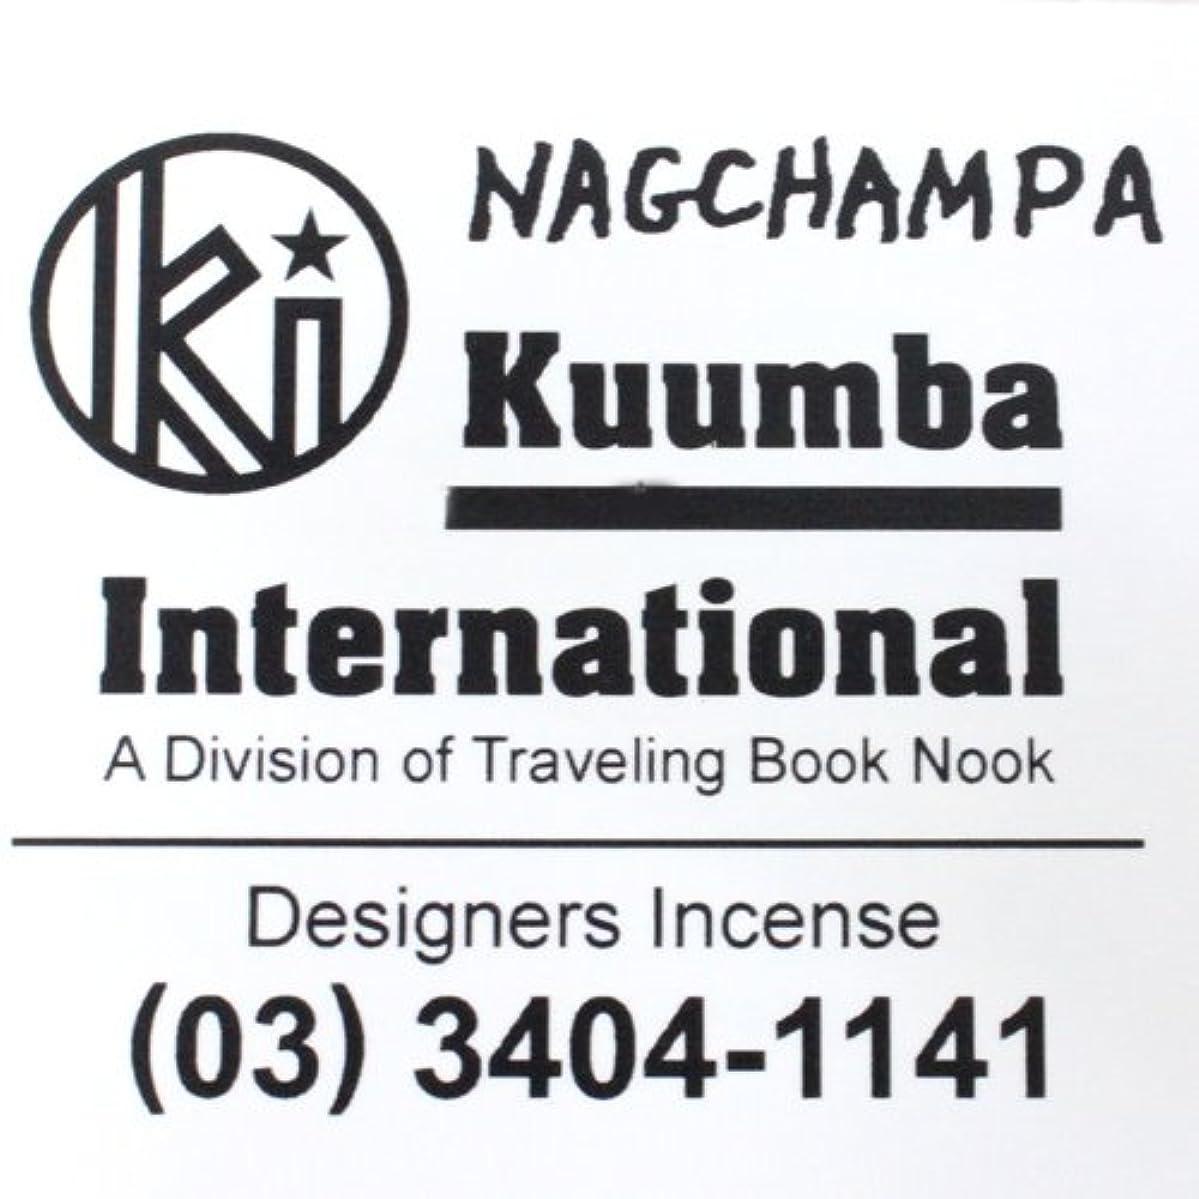 列車十分な背の高いKUUMBA (クンバ)『incense』(NAGCHAMPA) (Regular size)